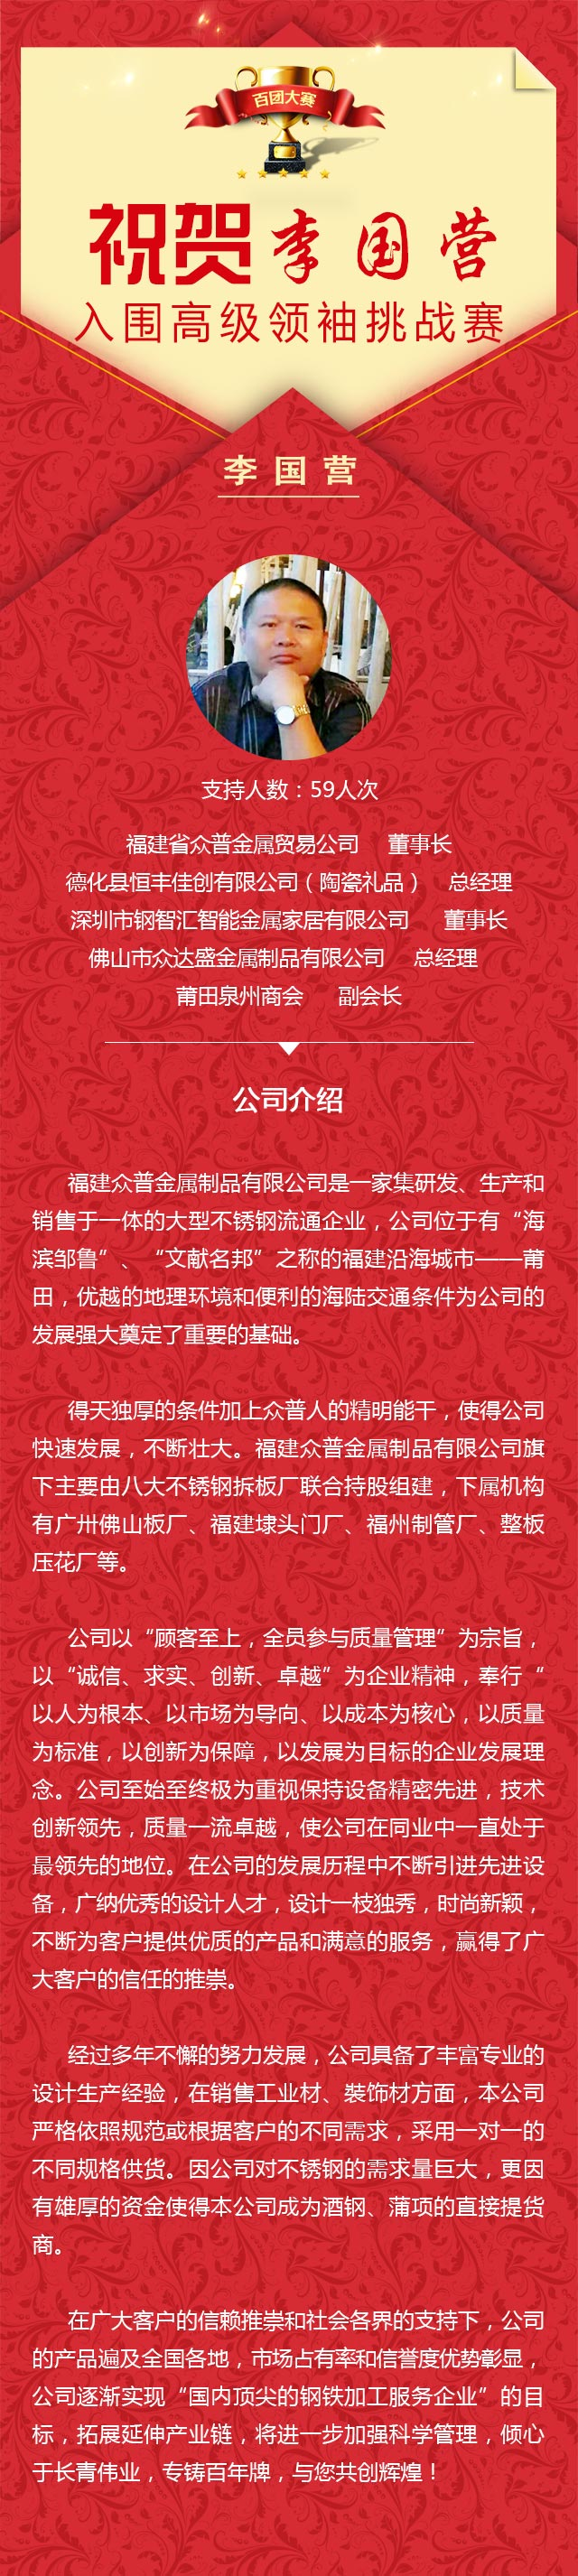 热烈祝贺李国营董事长正式入围福州市亚博真人协会副会长.jpg